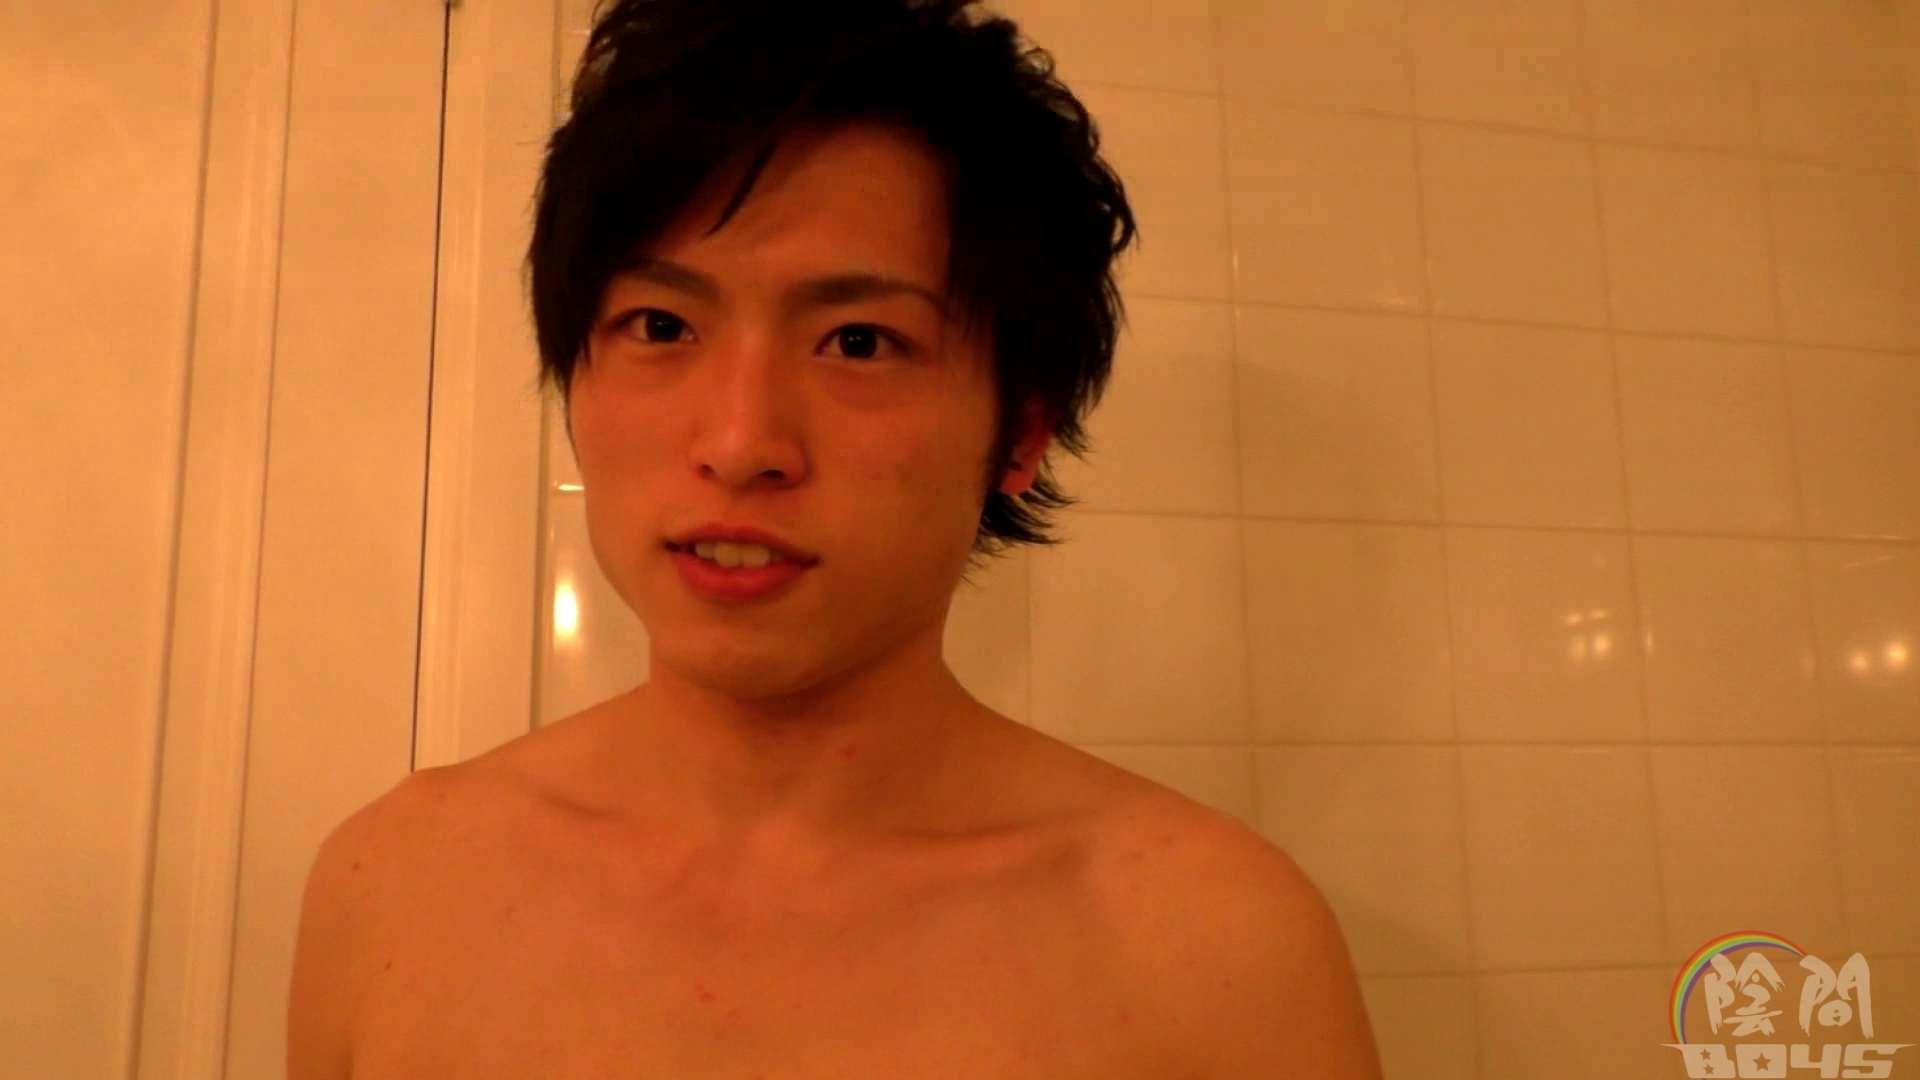 陰間BOYS~AV男優面接2、俺のアナルが…~03 ゲイのオナニー映像 ゲイ射精画像 80枚 38